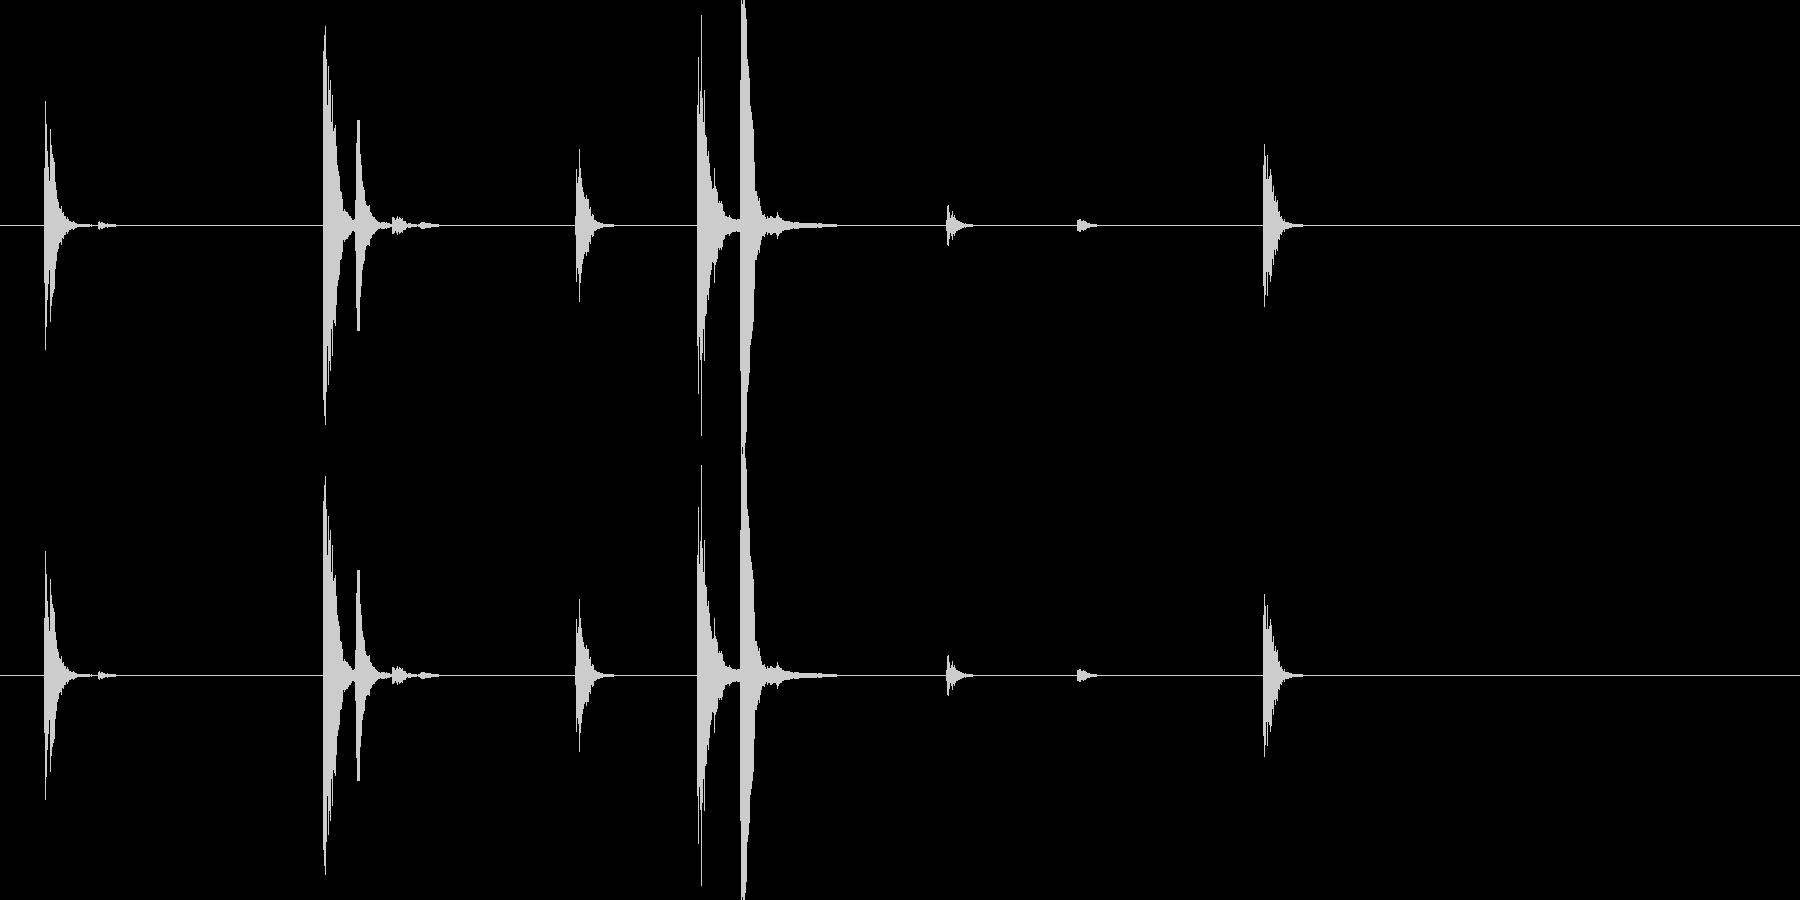 フォーク・ナイフなどを扱う音2の未再生の波形